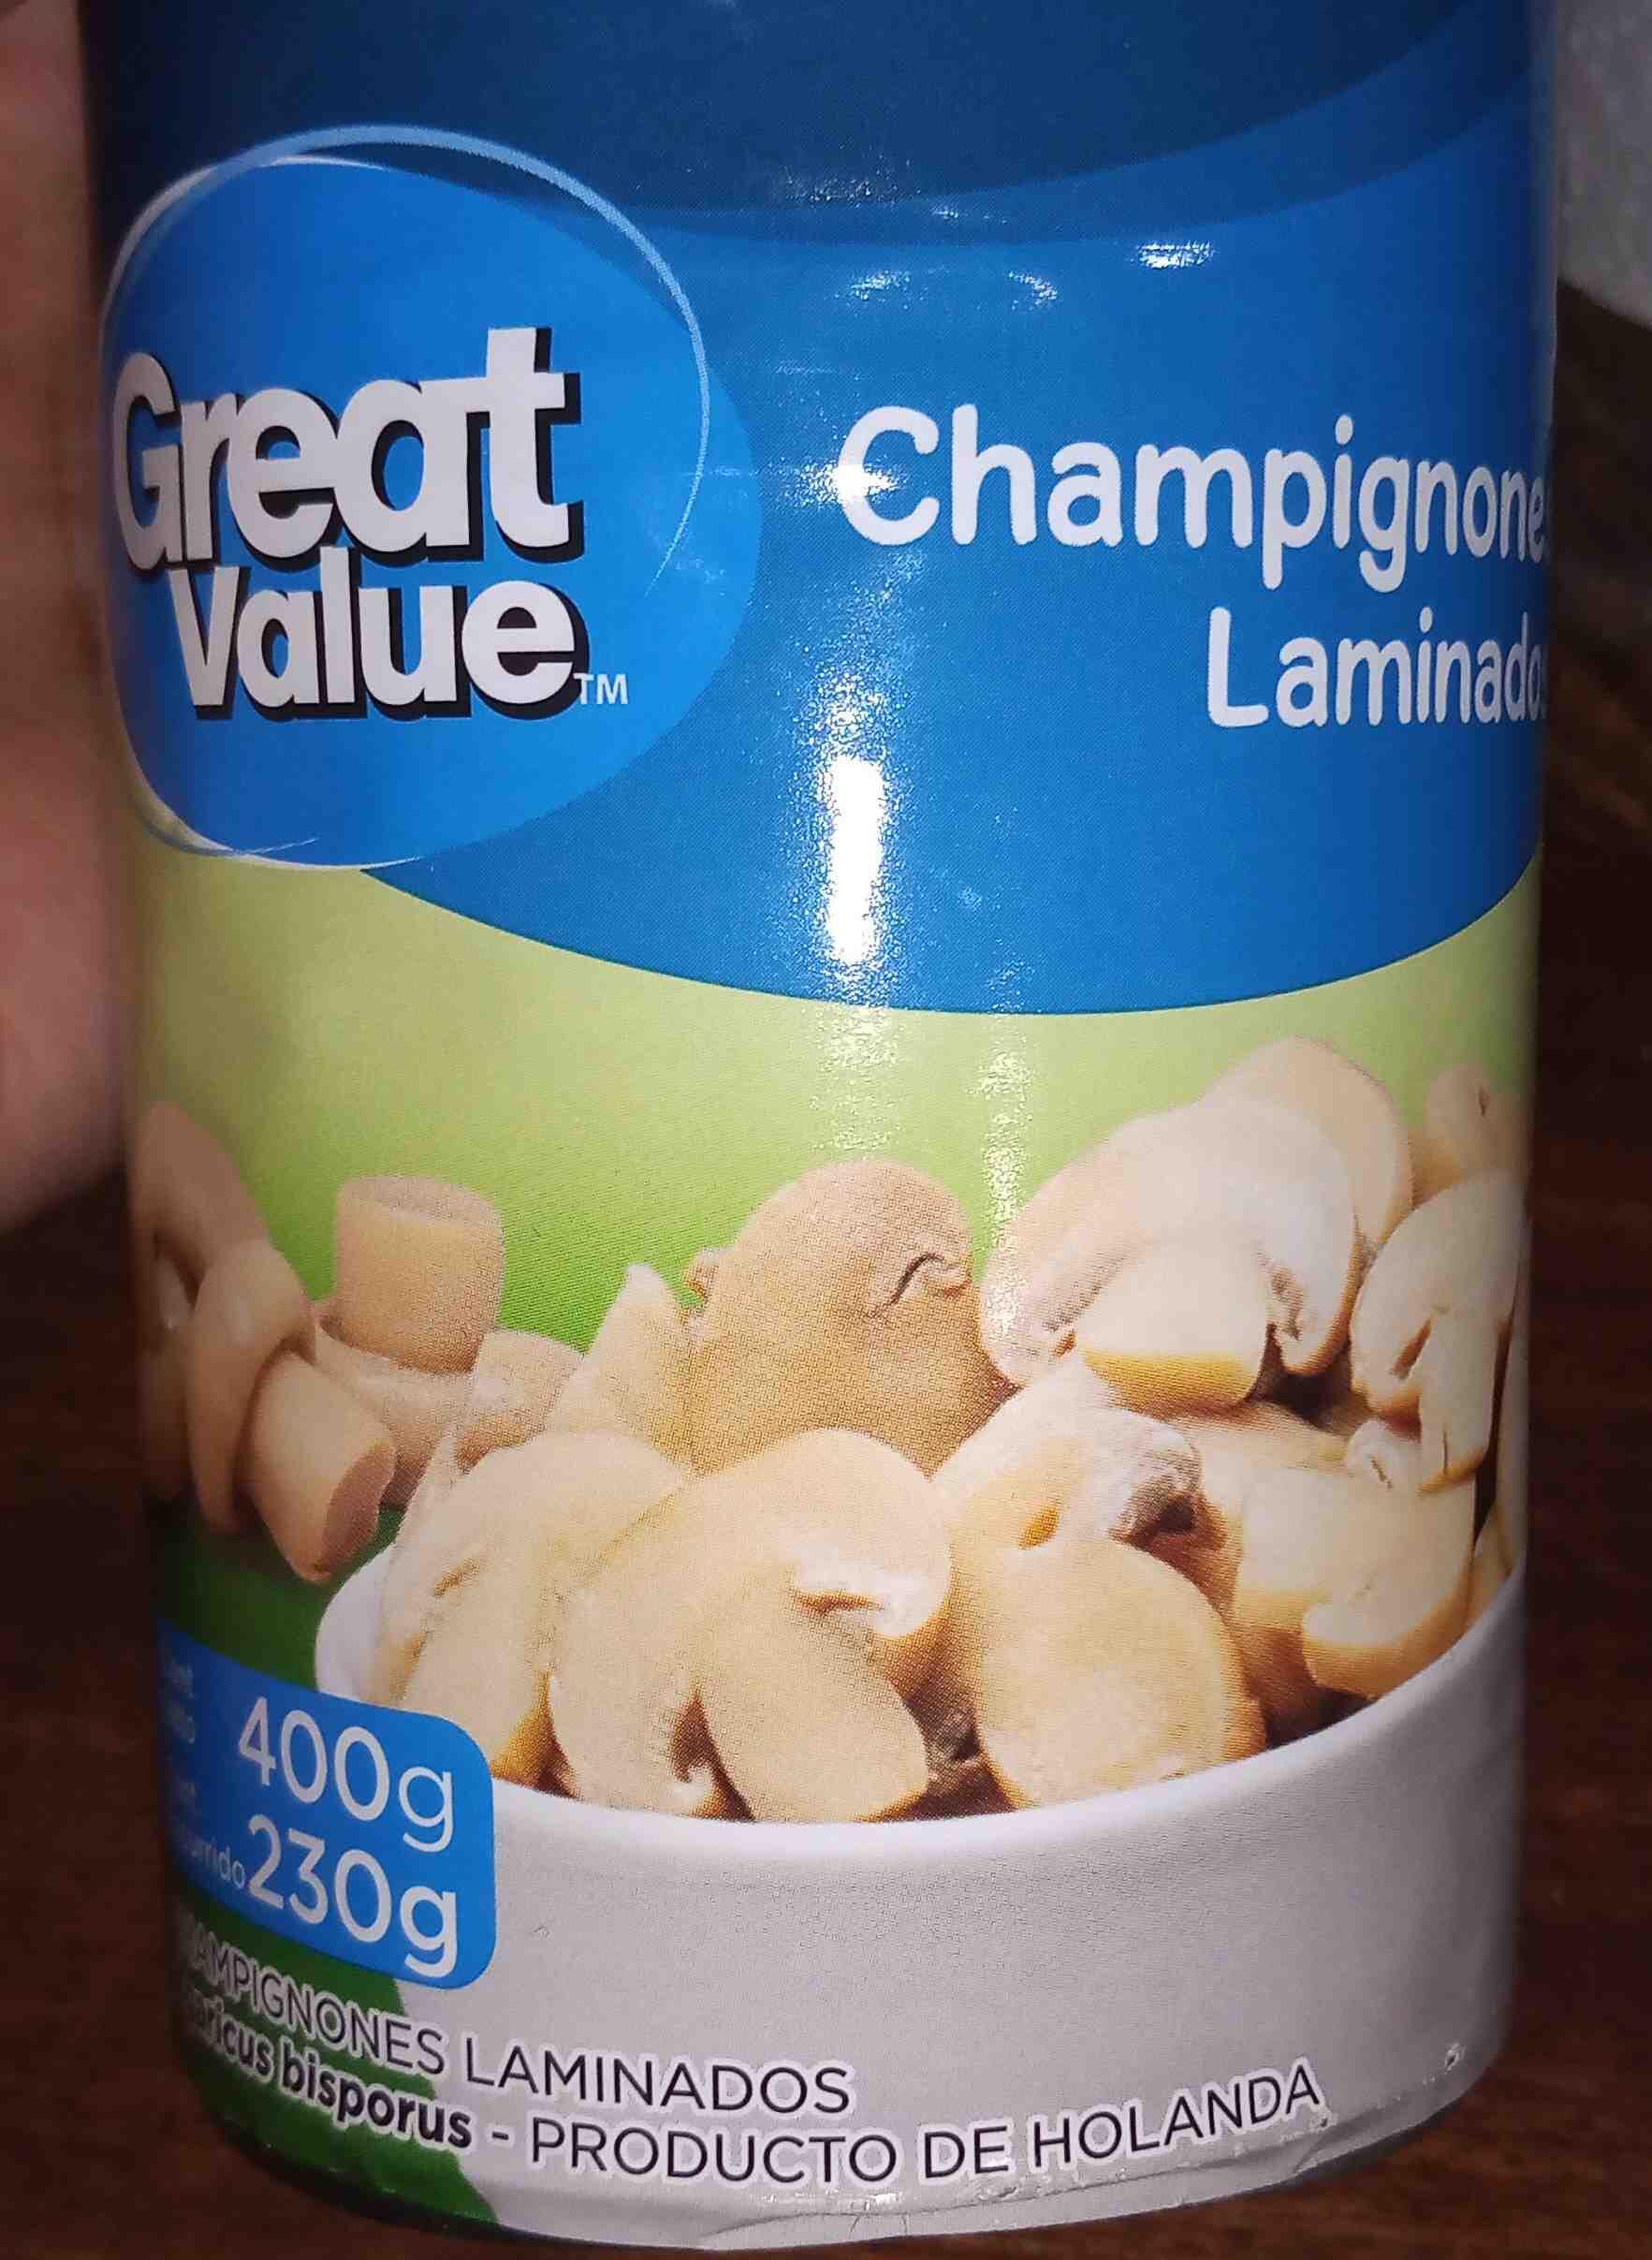 GREAT VALUE Champignones Laminados. - Producte - es